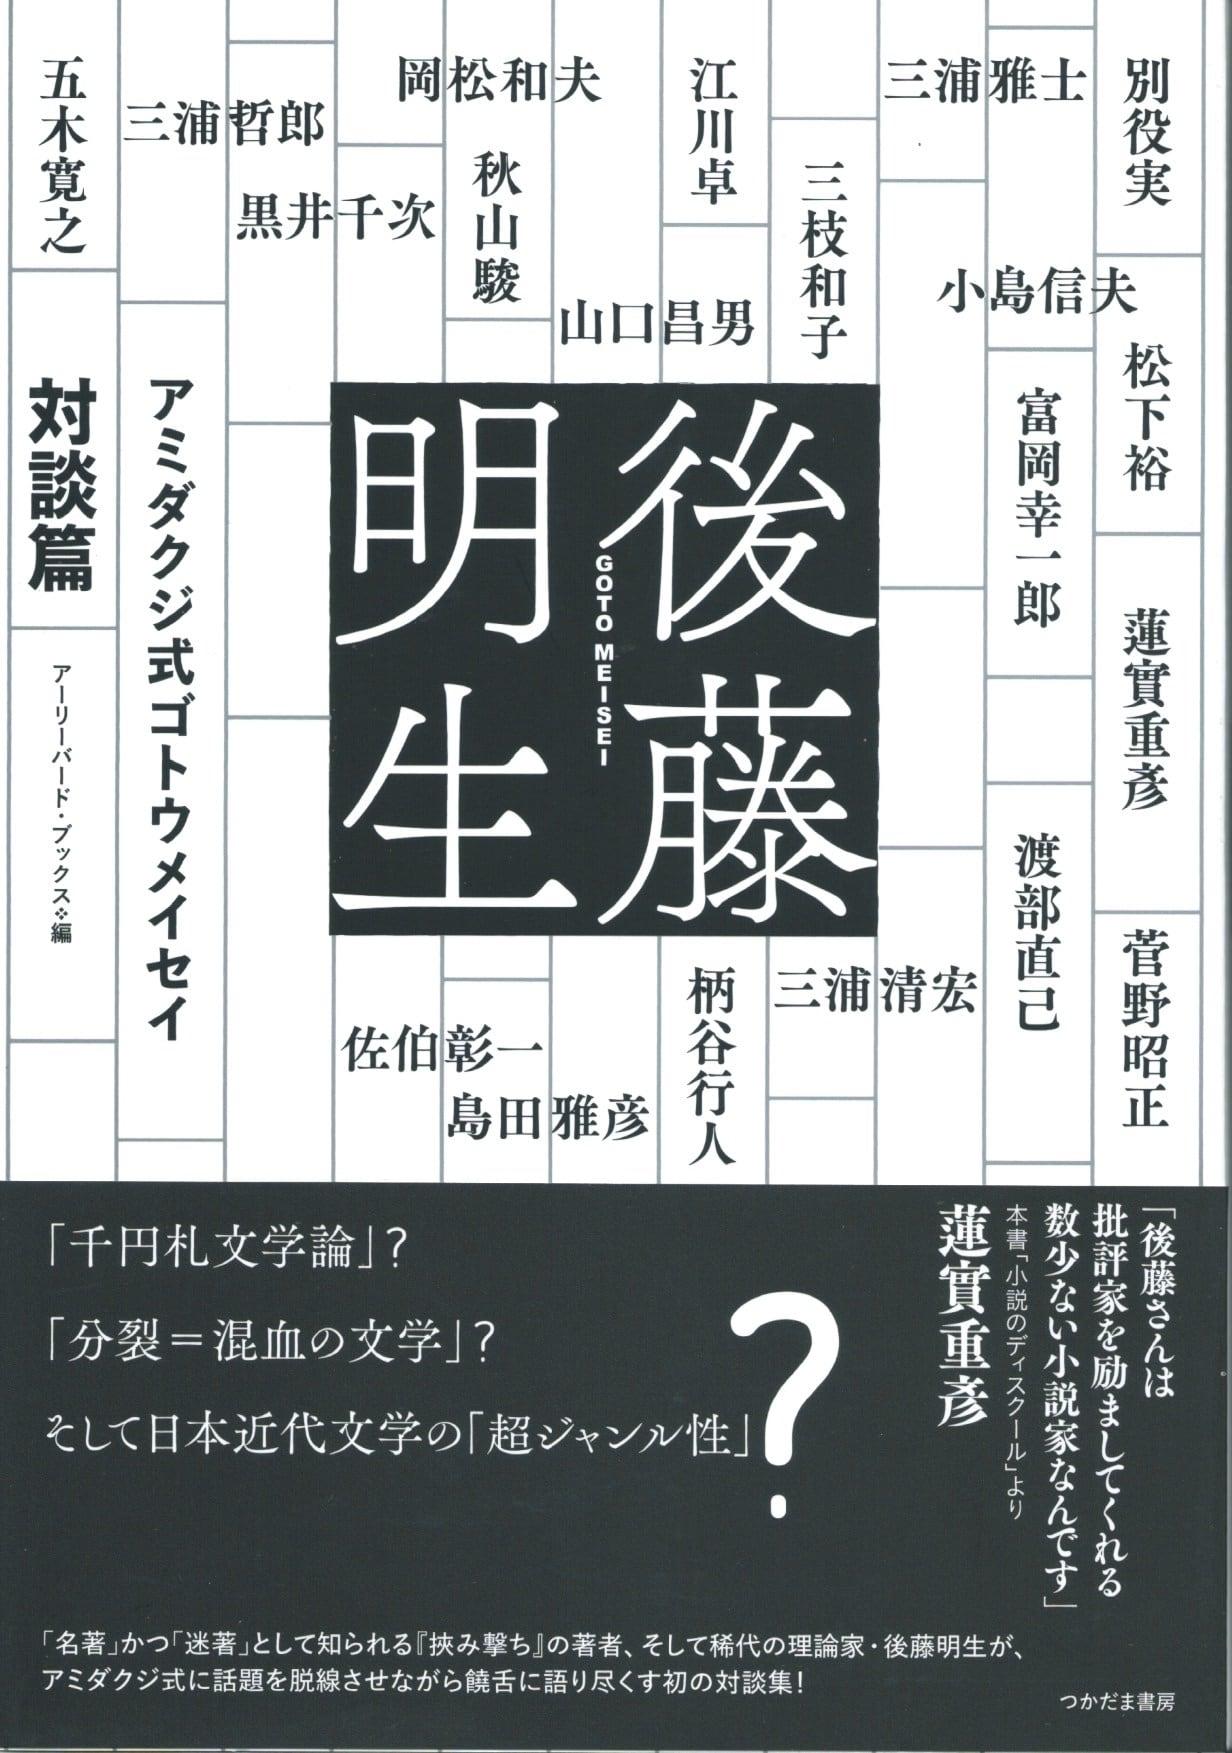 アミダクジ式ゴトウメイセイ[対談篇]